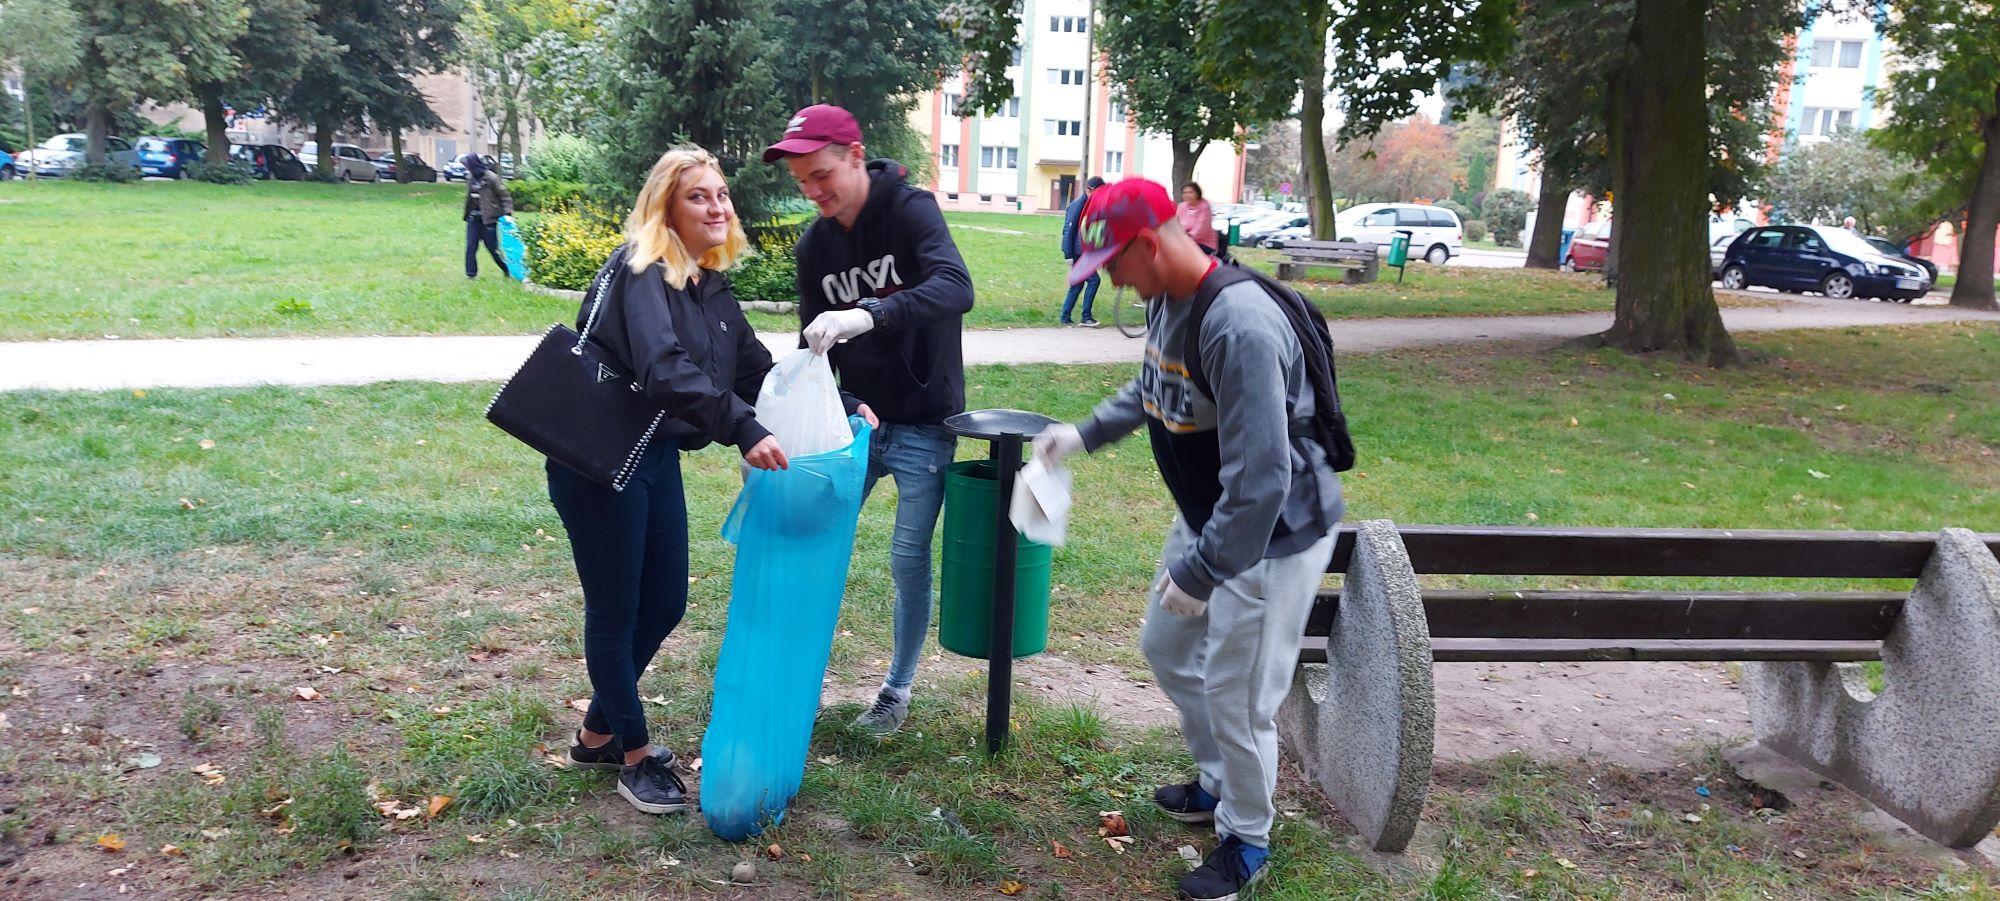 Młodzież posprzątała krotoszyńskie parki [ZDJĘCIA] - Zdjęcie główne